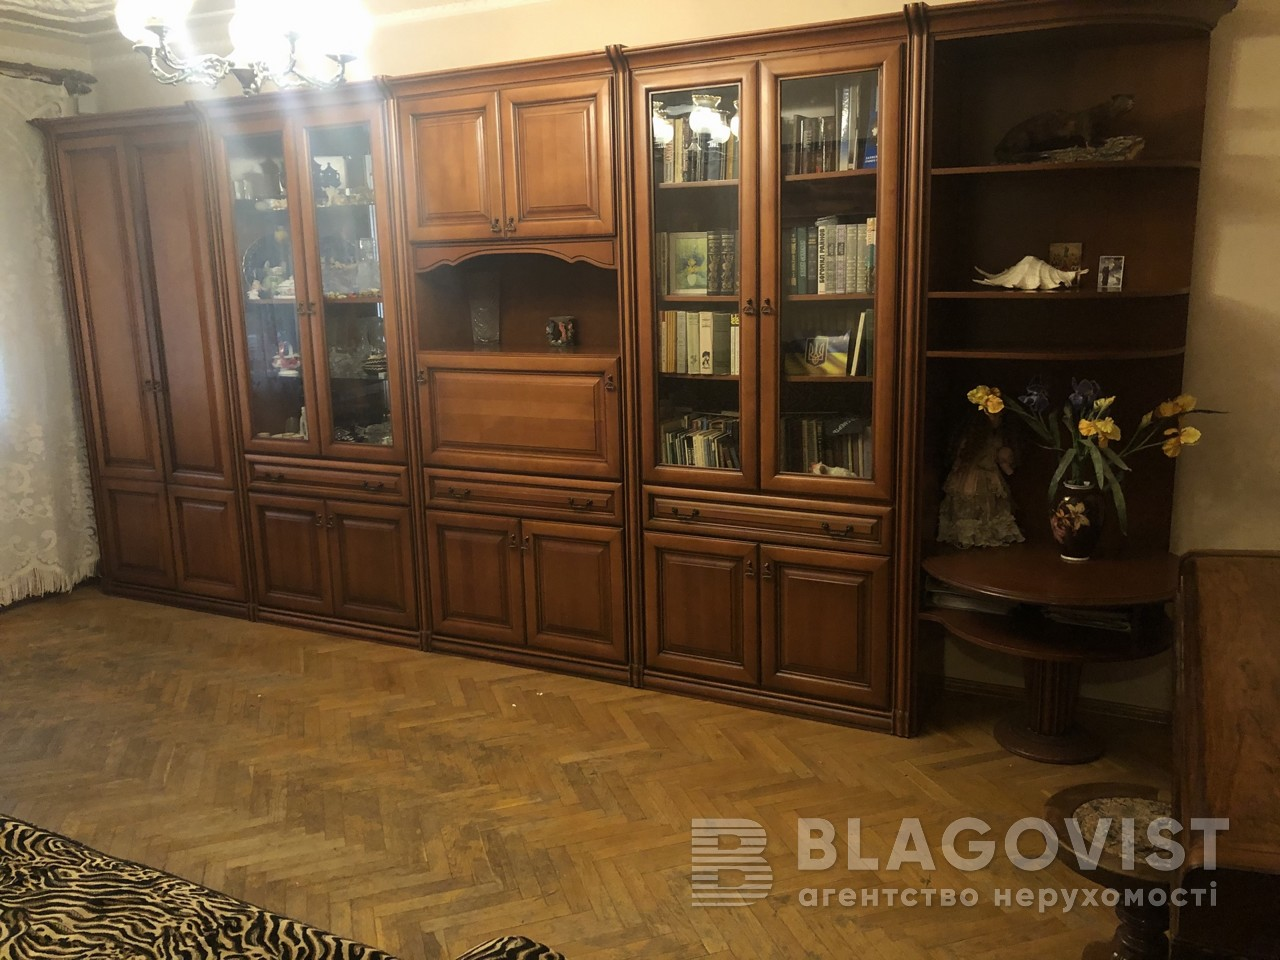 Квартира R-34979, Кудряшова, 7, Киев - Фото 5